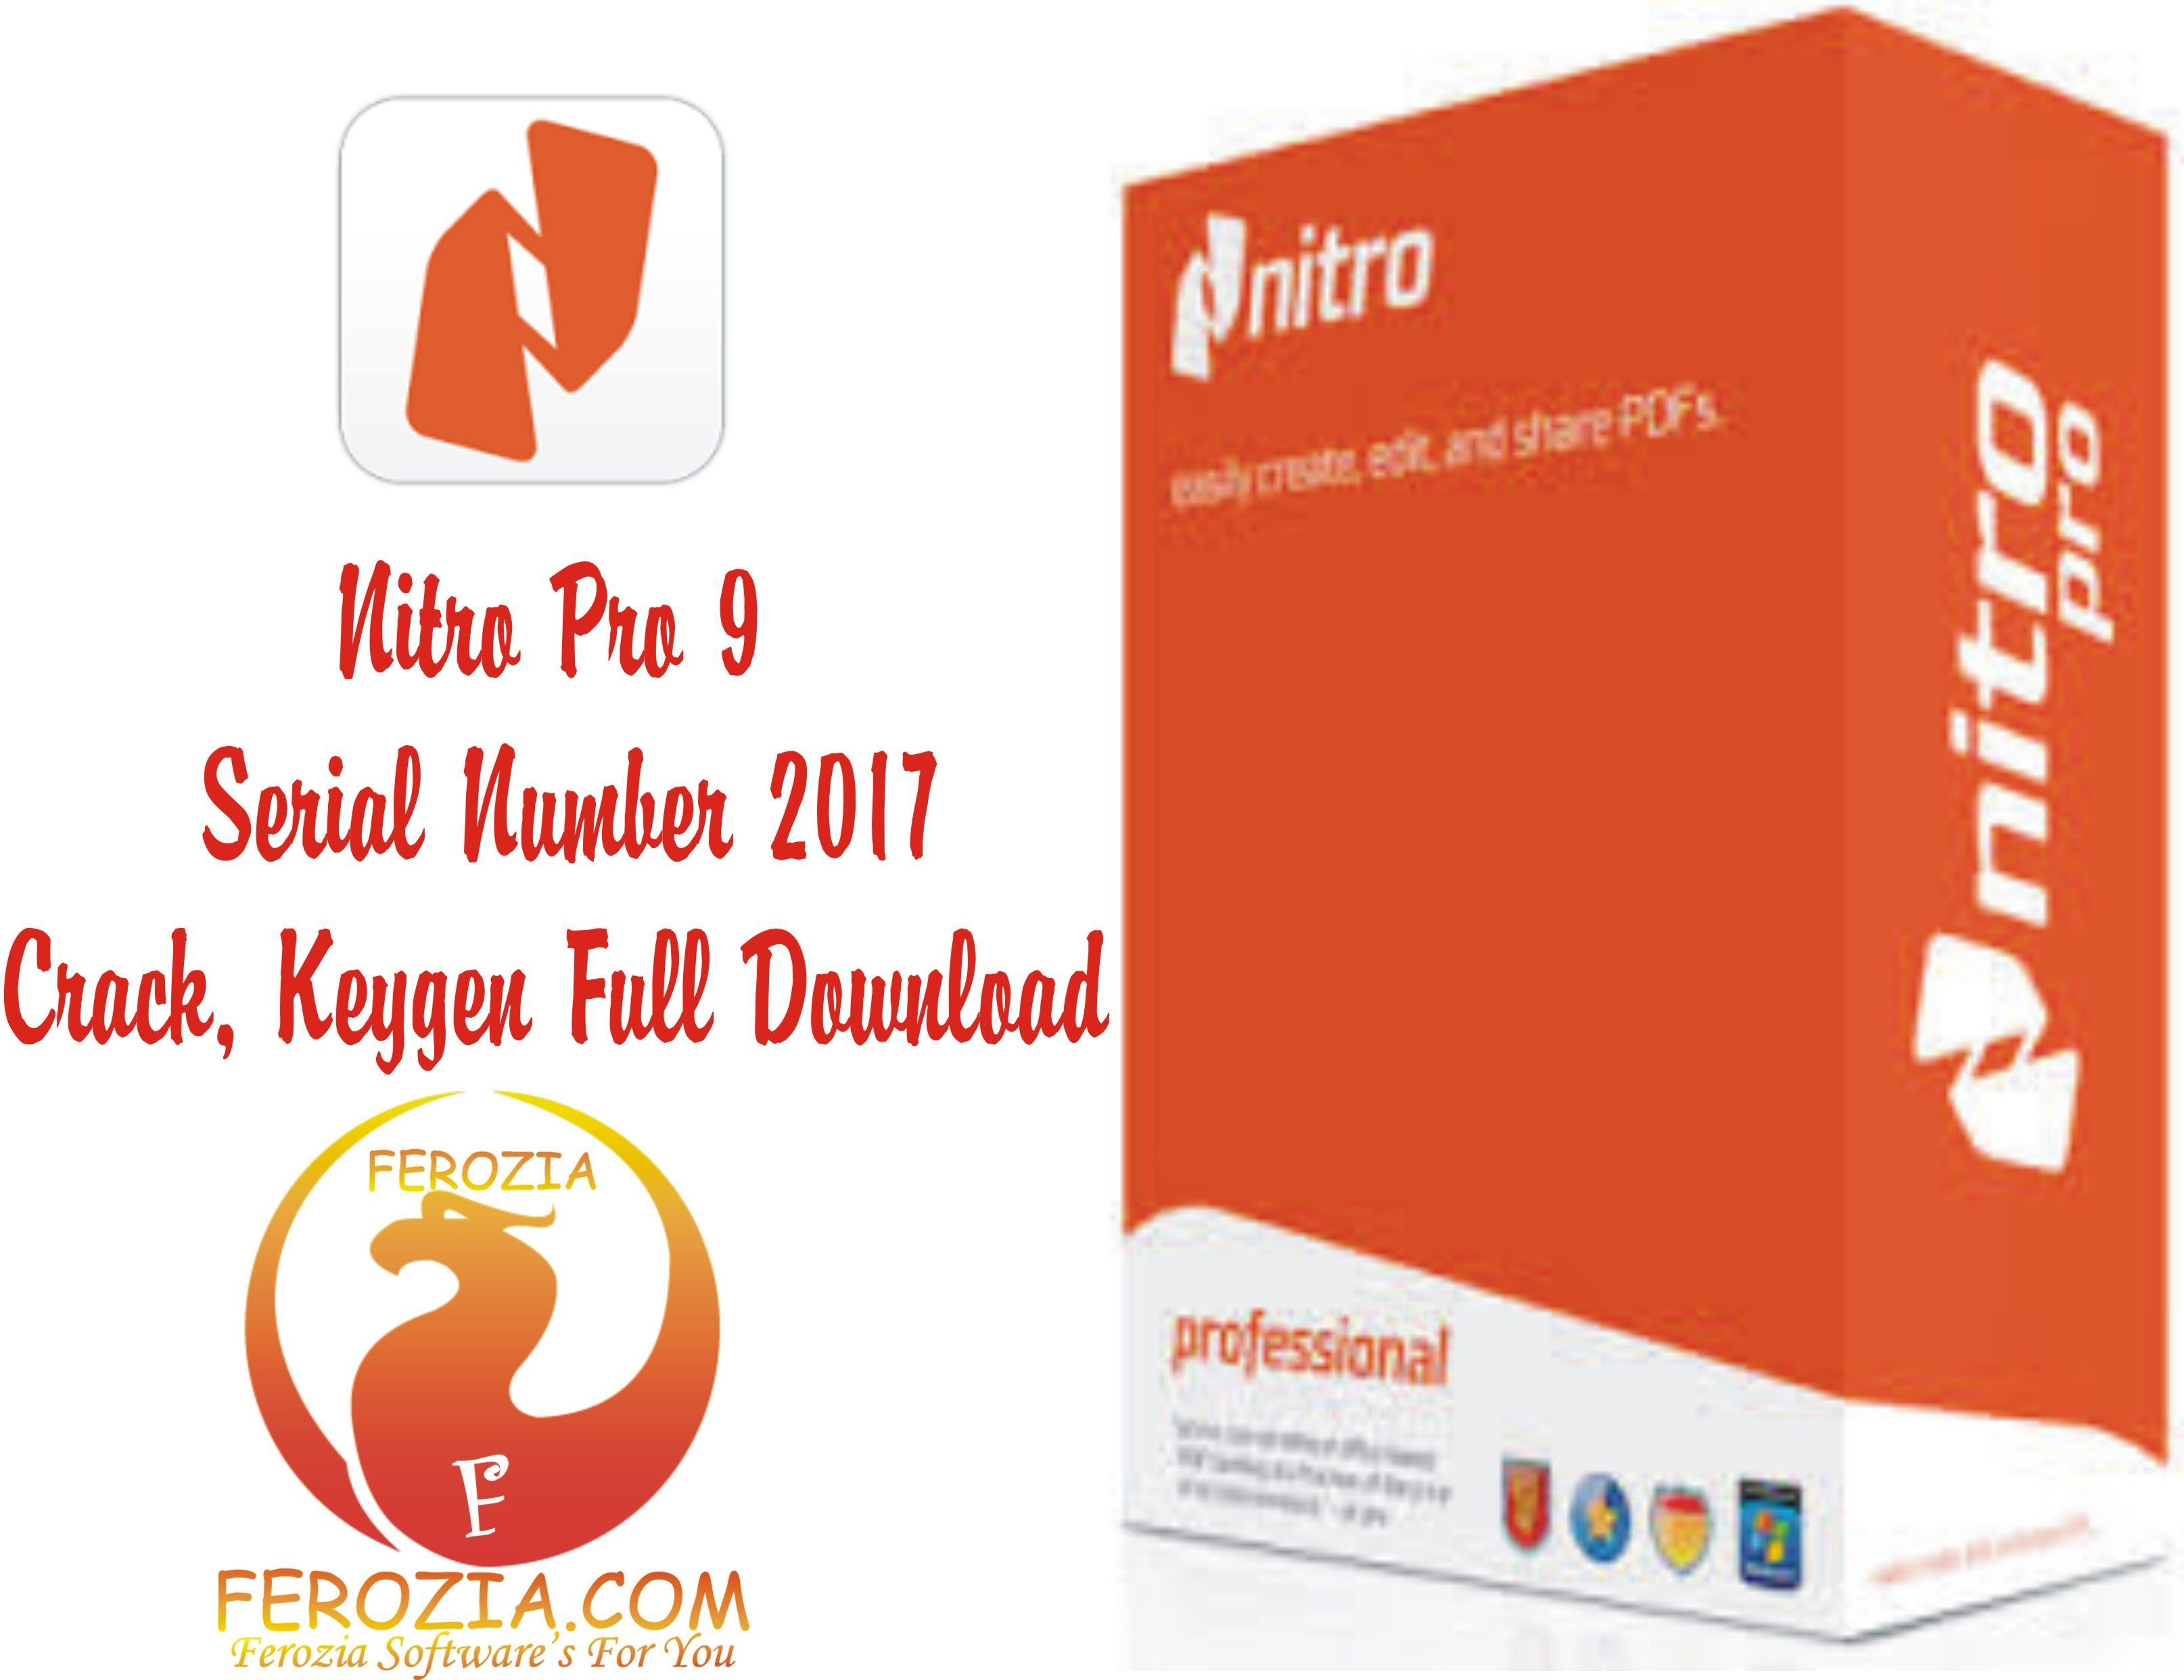 nitro pro 9 keygen free download